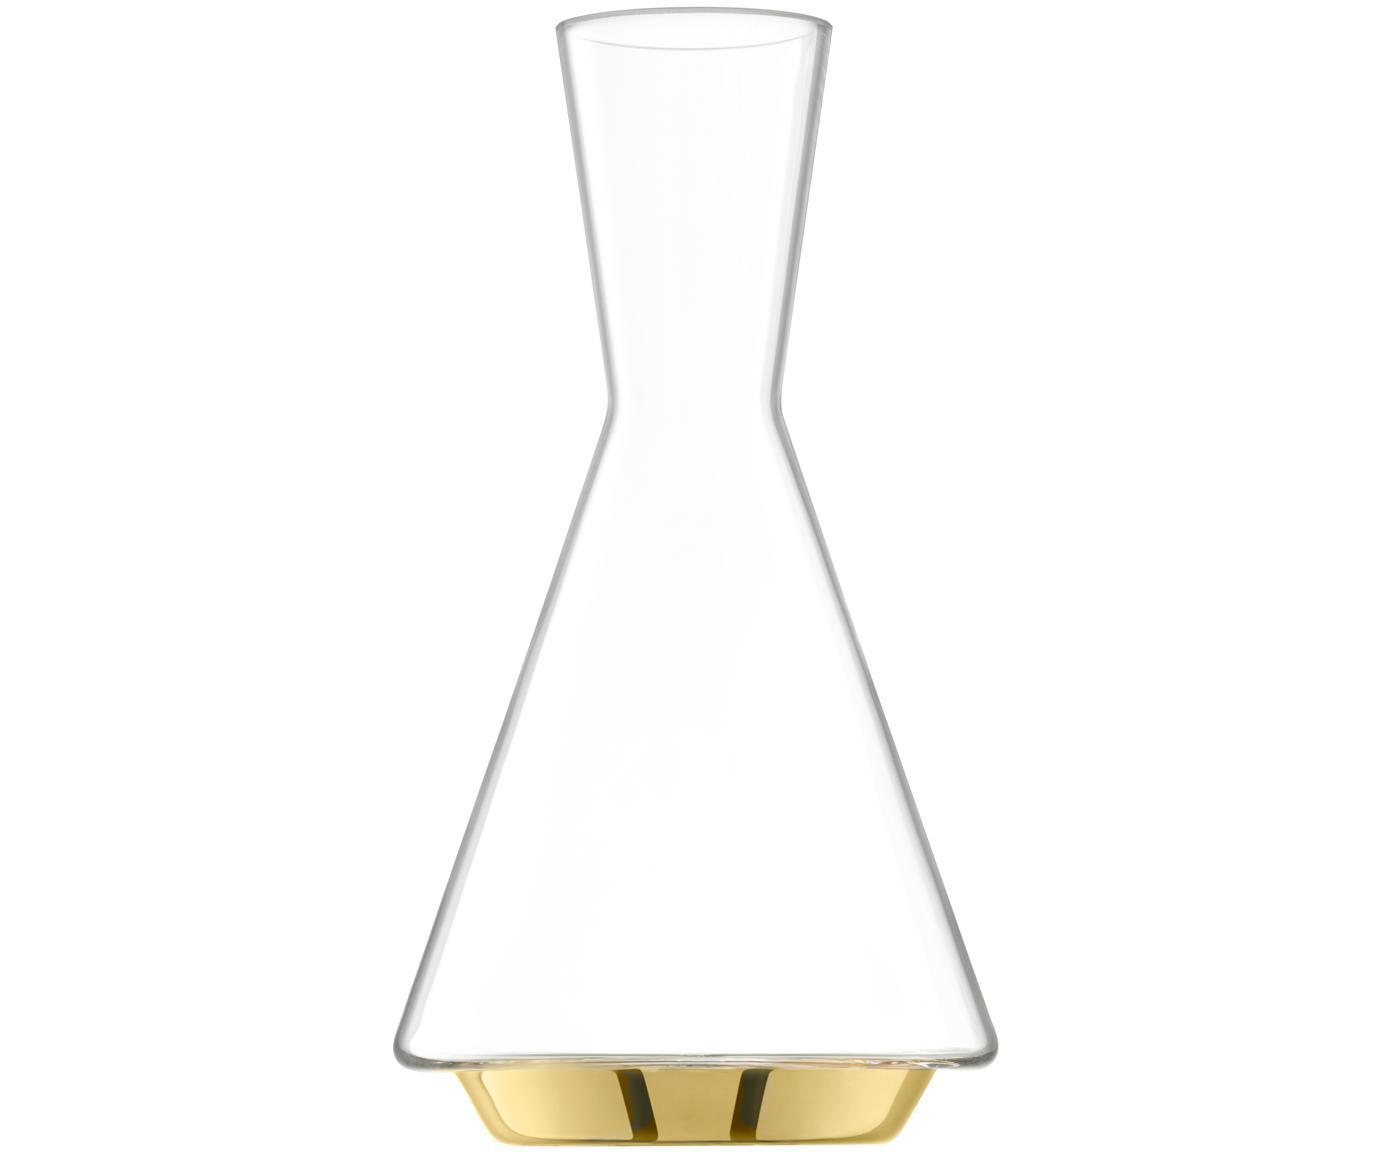 Karafka ze szkła dmuchanego Space, Szkło, Transparentny, odcienie złotego, 1,6 l